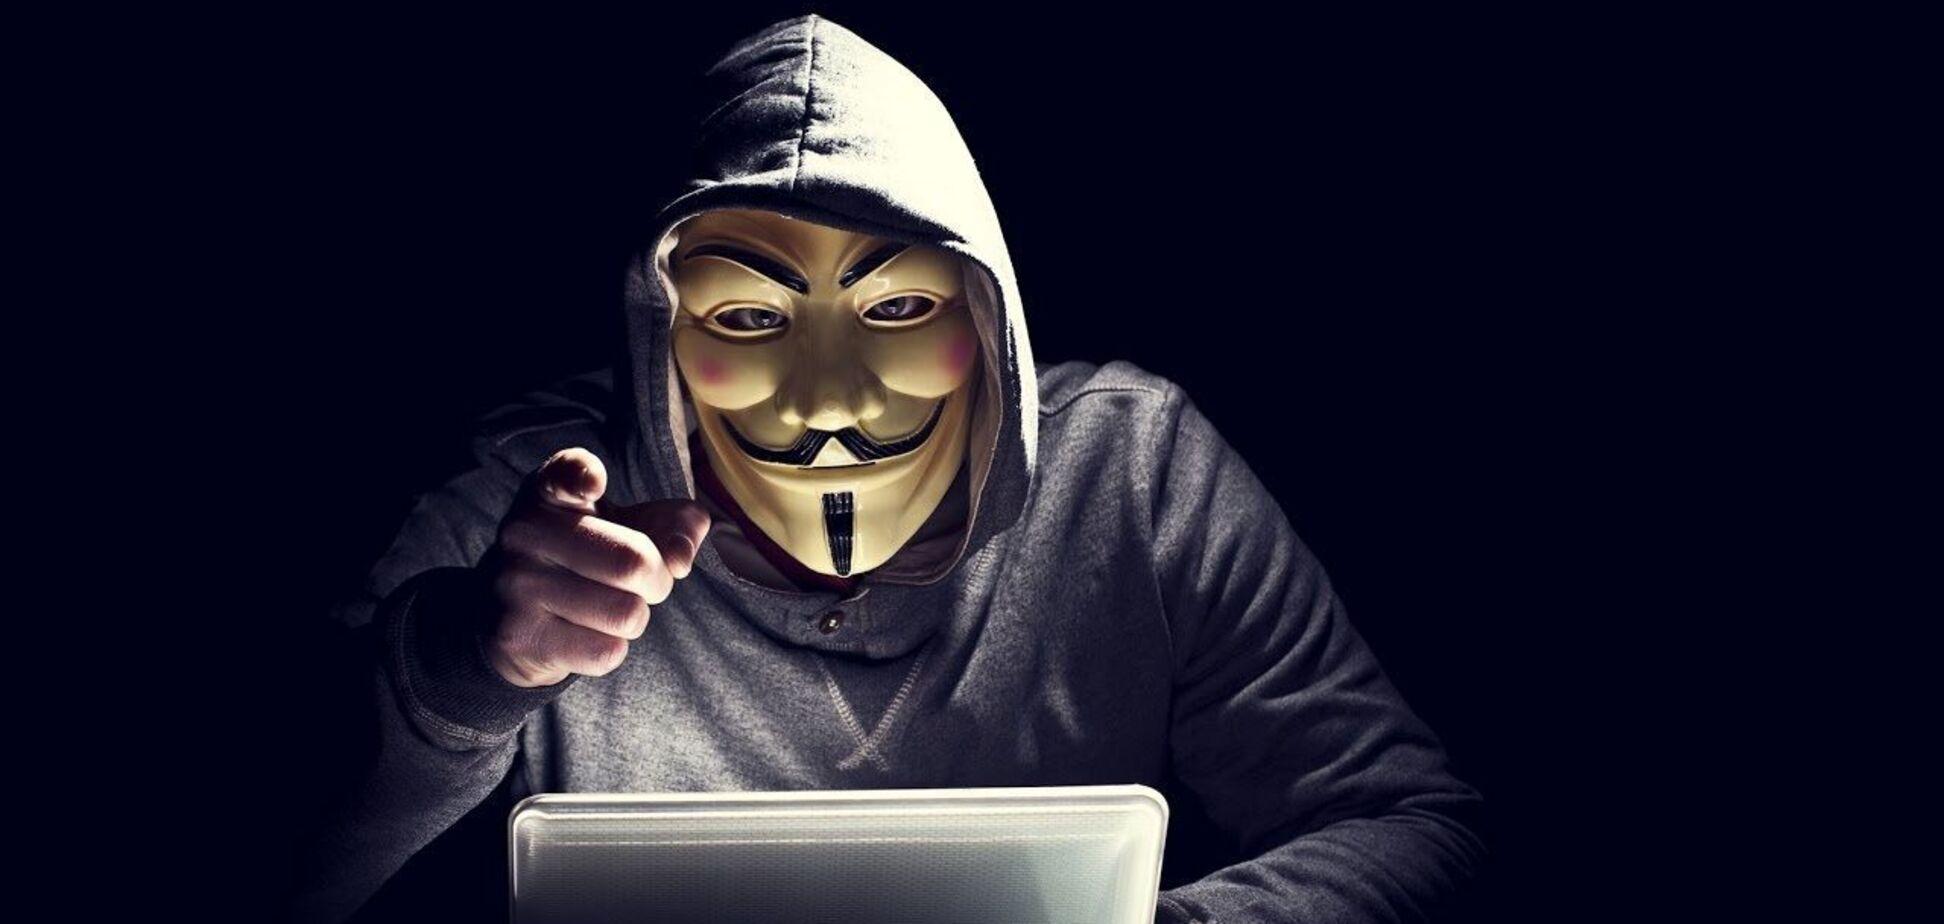 Хакер зламав компанію з виробництва секс-іграшок і почав шантажувати клієнтів. Подробиці